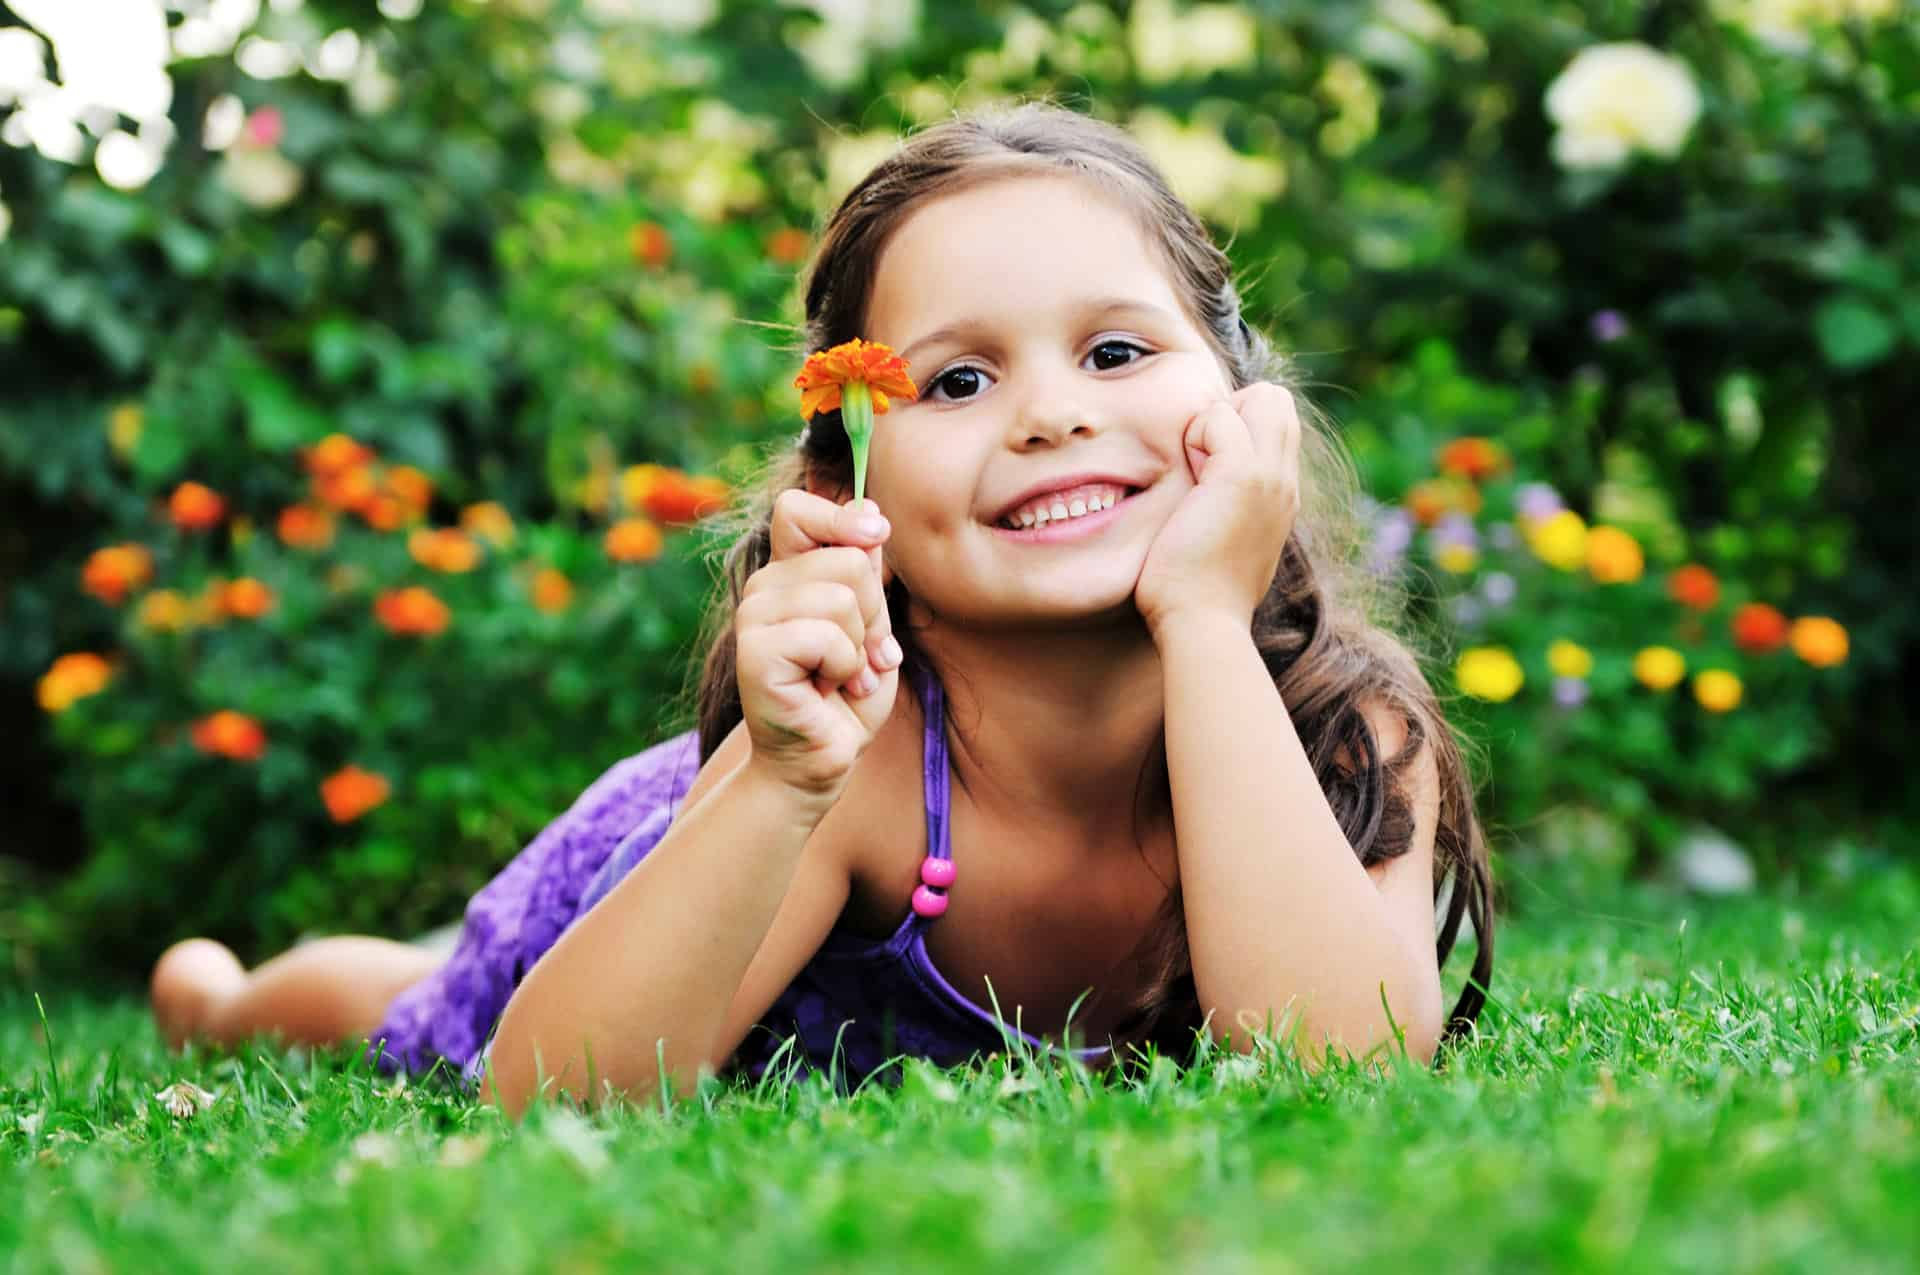 Как показать радость на фотографии